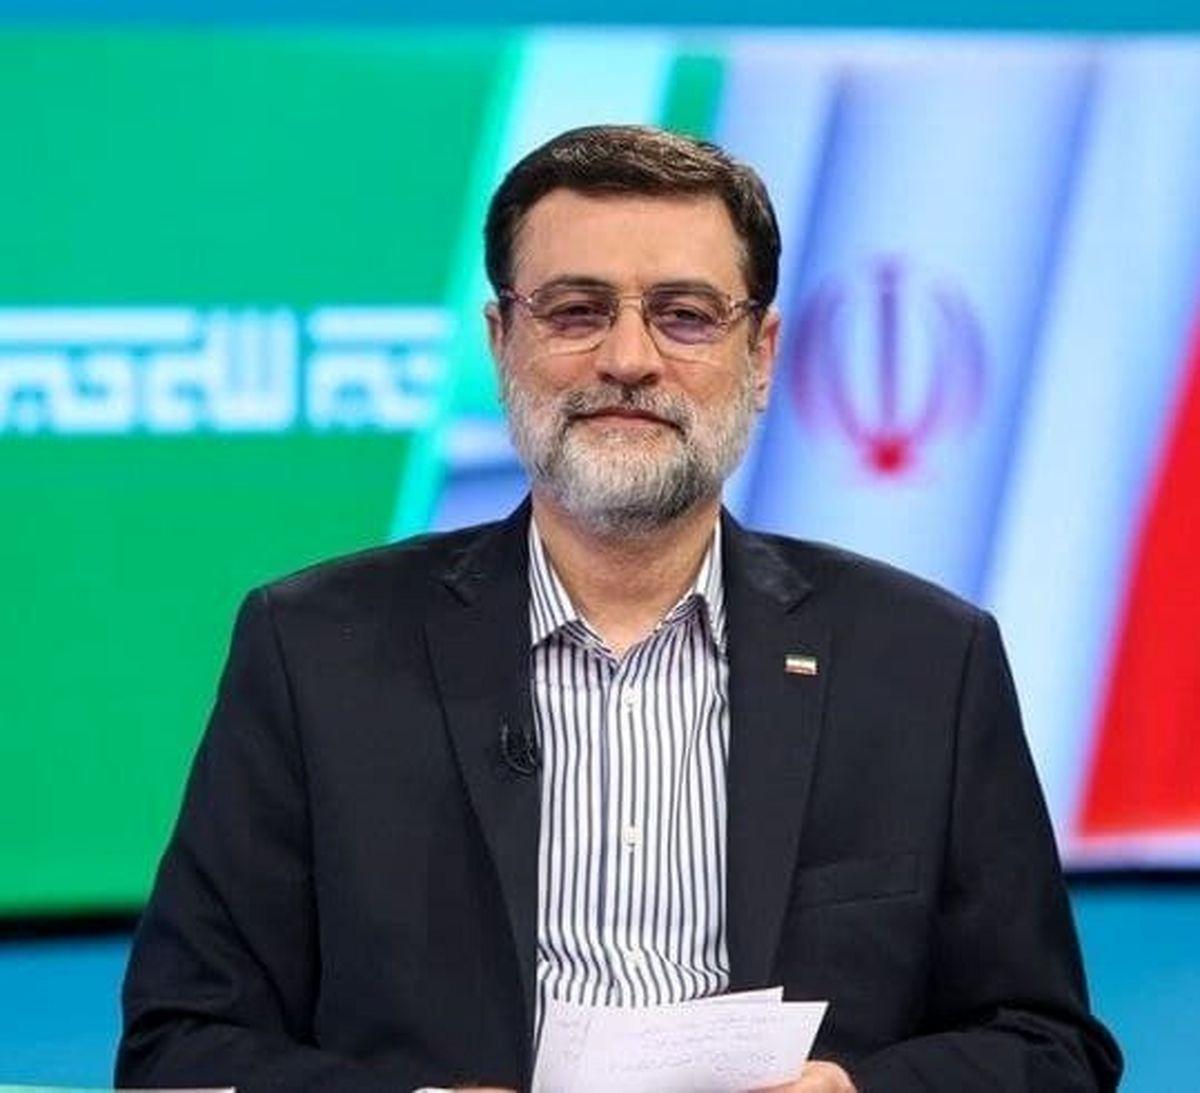 مدیرعامل صندوق قرض الحسنه شاهد انتصاب معاون رییس جمهور و رییس بنیاد شهید و امور ایثارگران را تبریک گفت